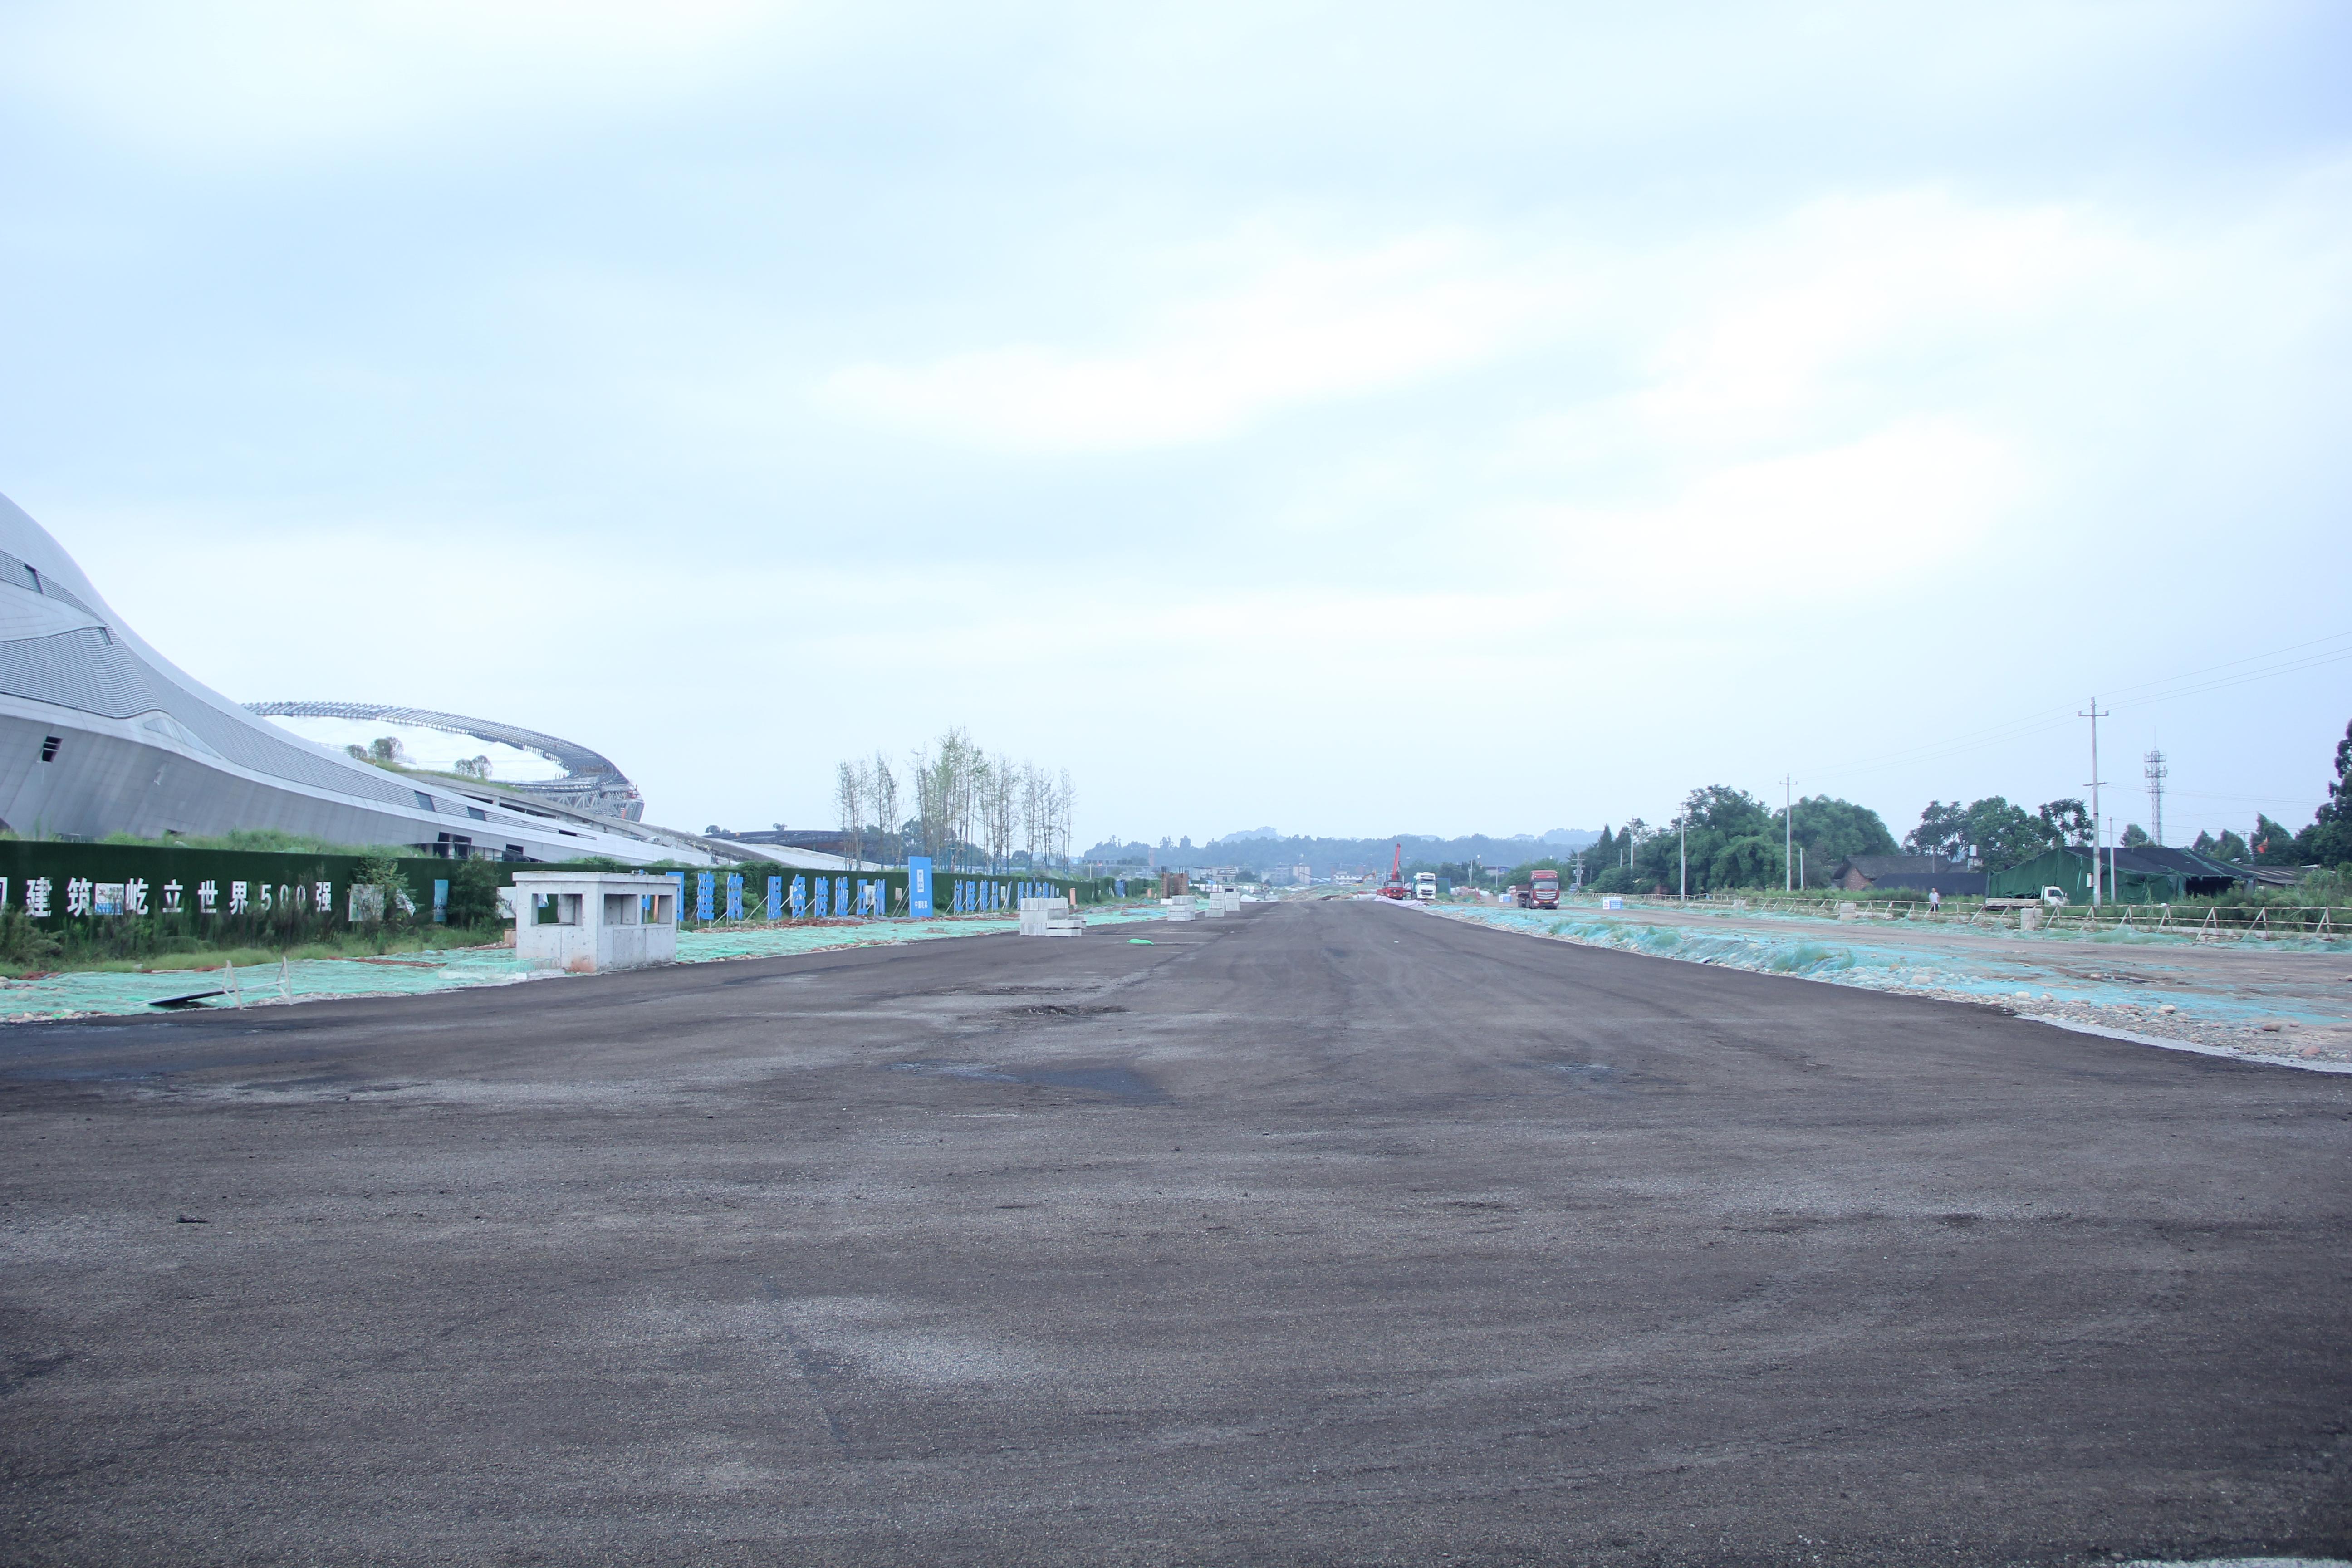 蘇稽新區這6條市政道路,有望年底竣工通車